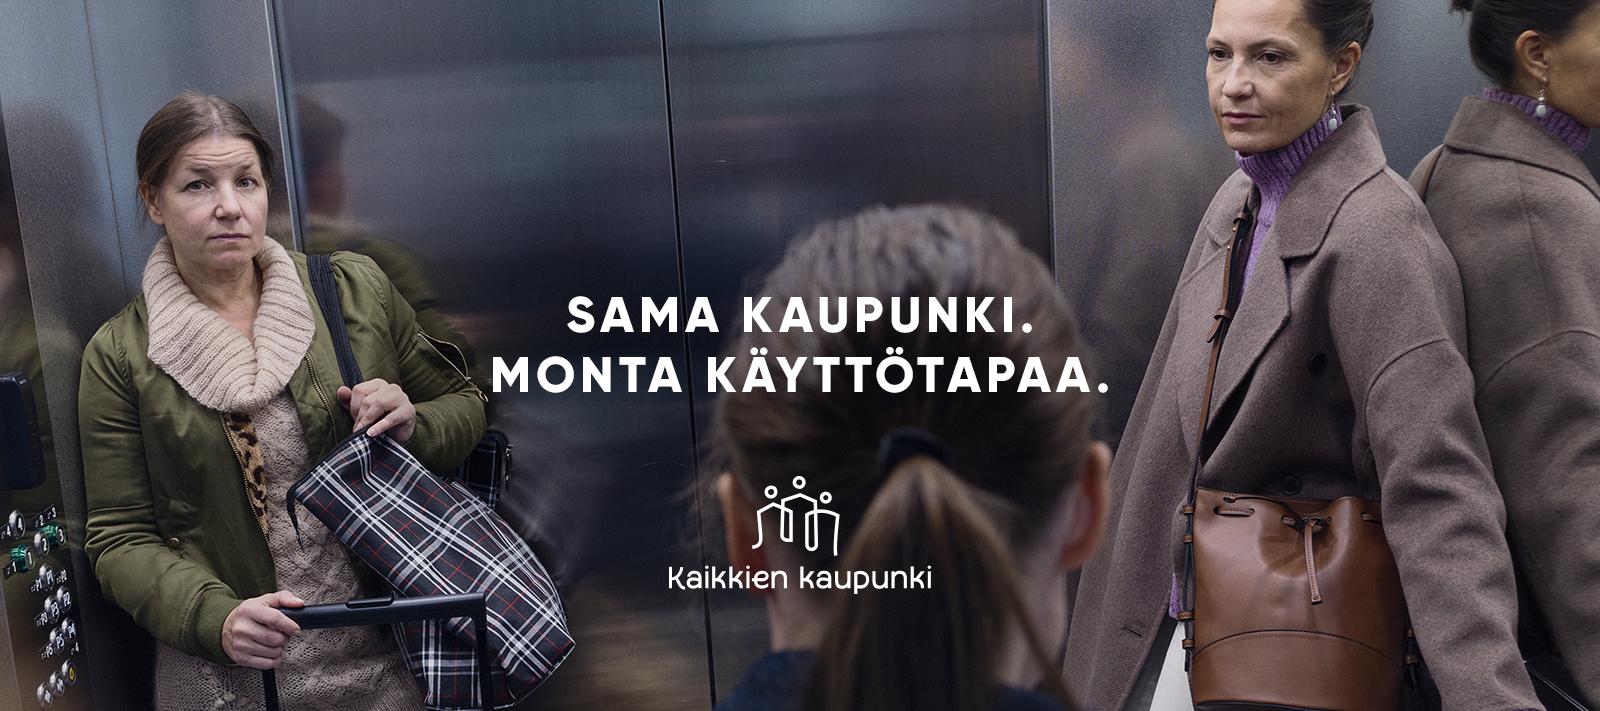 """Kolme henkilöä hississä, teksti """"Sama kaupunki, monta käyttötapaa."""" Kaikkien kaupunki -logo"""